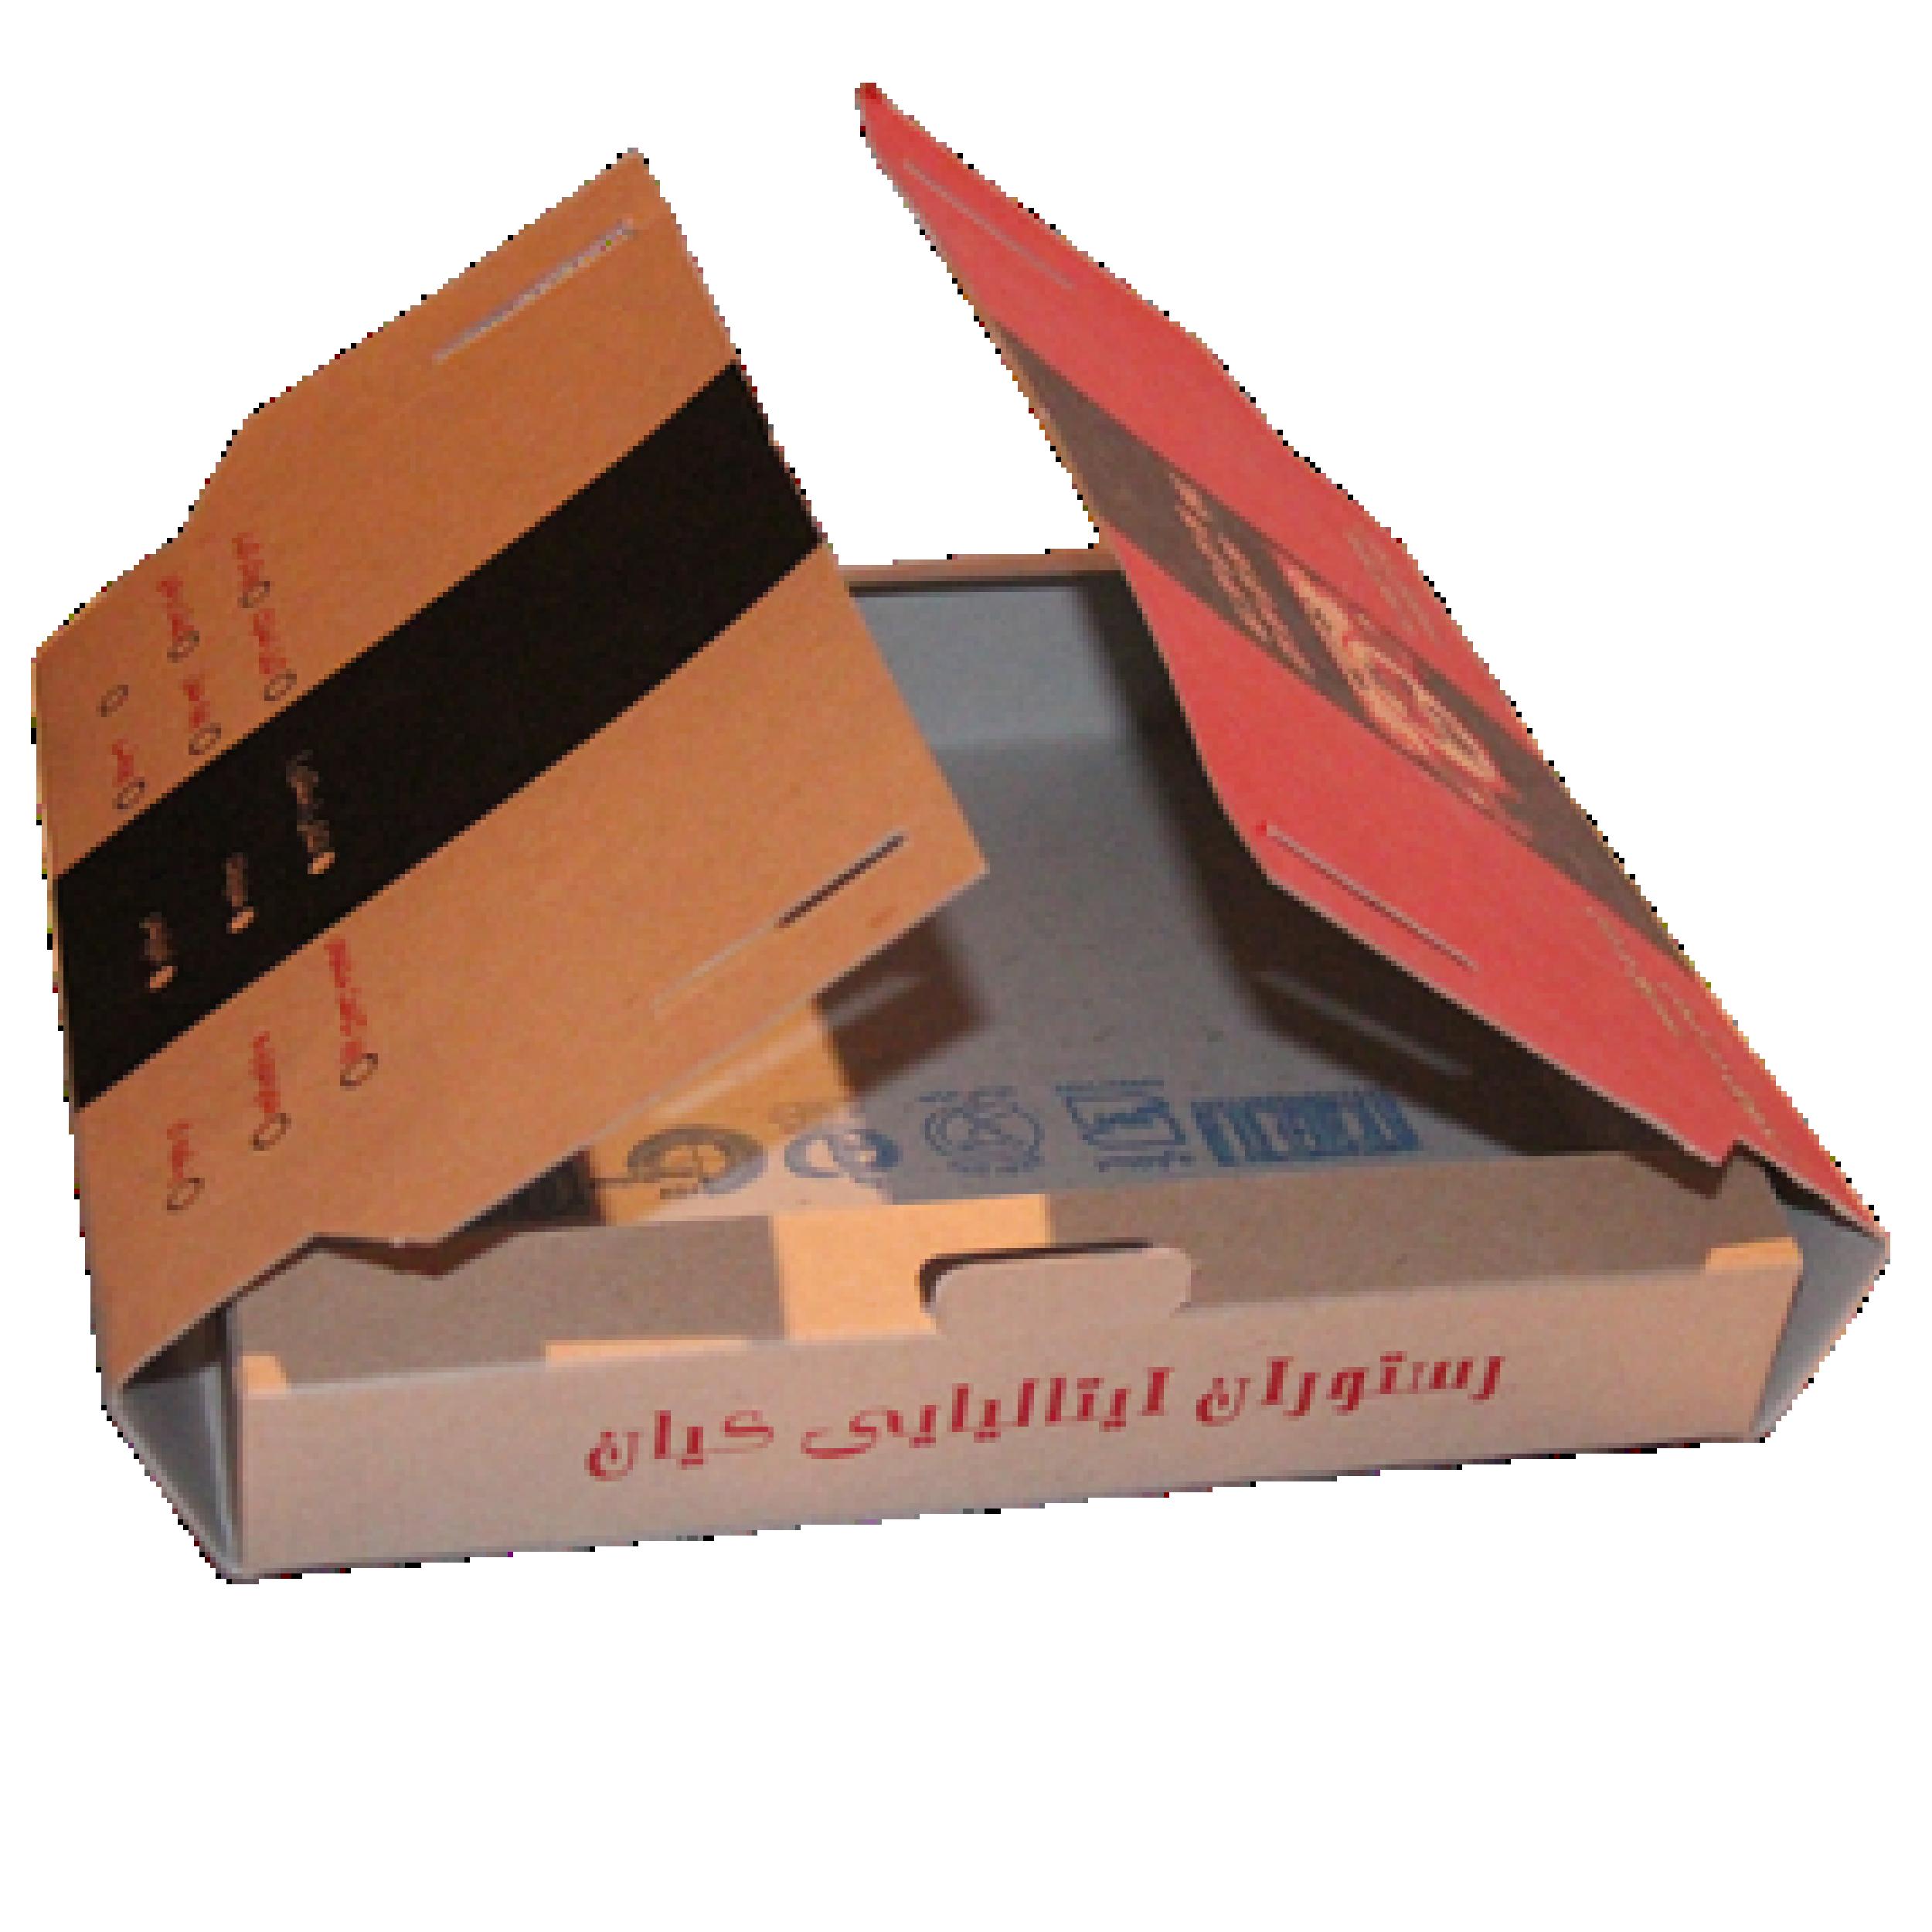 جعبه پیتزا دسته دار 0۱ - جعبه پیتزا - تولید کننده جعبه پیتزا ارزان و با کیفیت